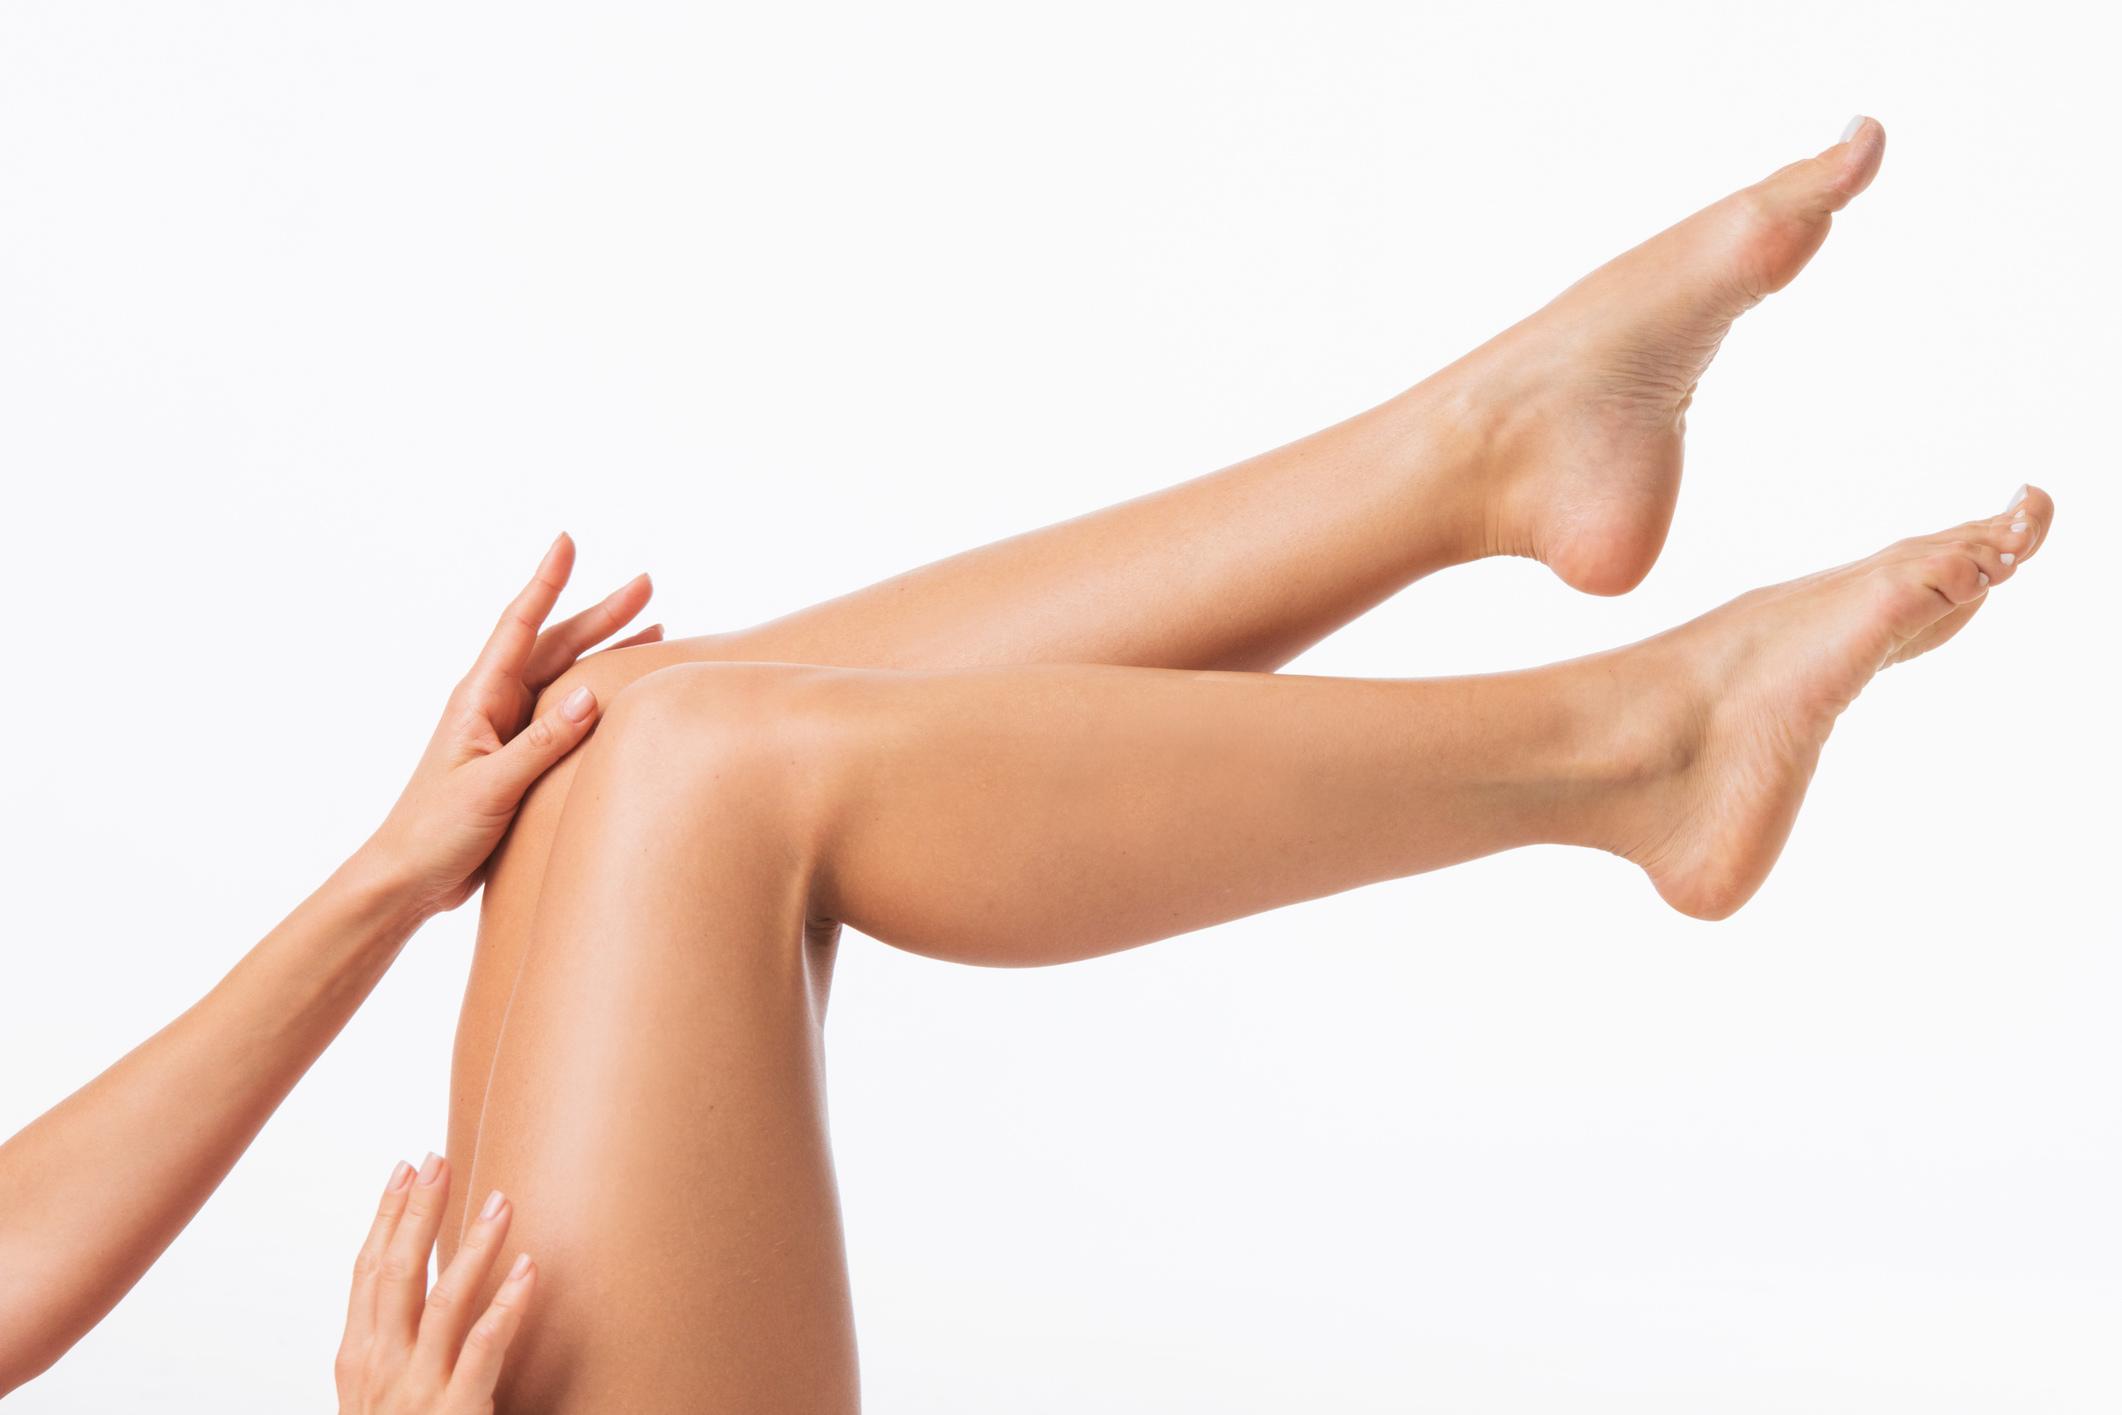 visszeresség a lábak között terhesség alatt a lábvénák eltávolítása visszérrel